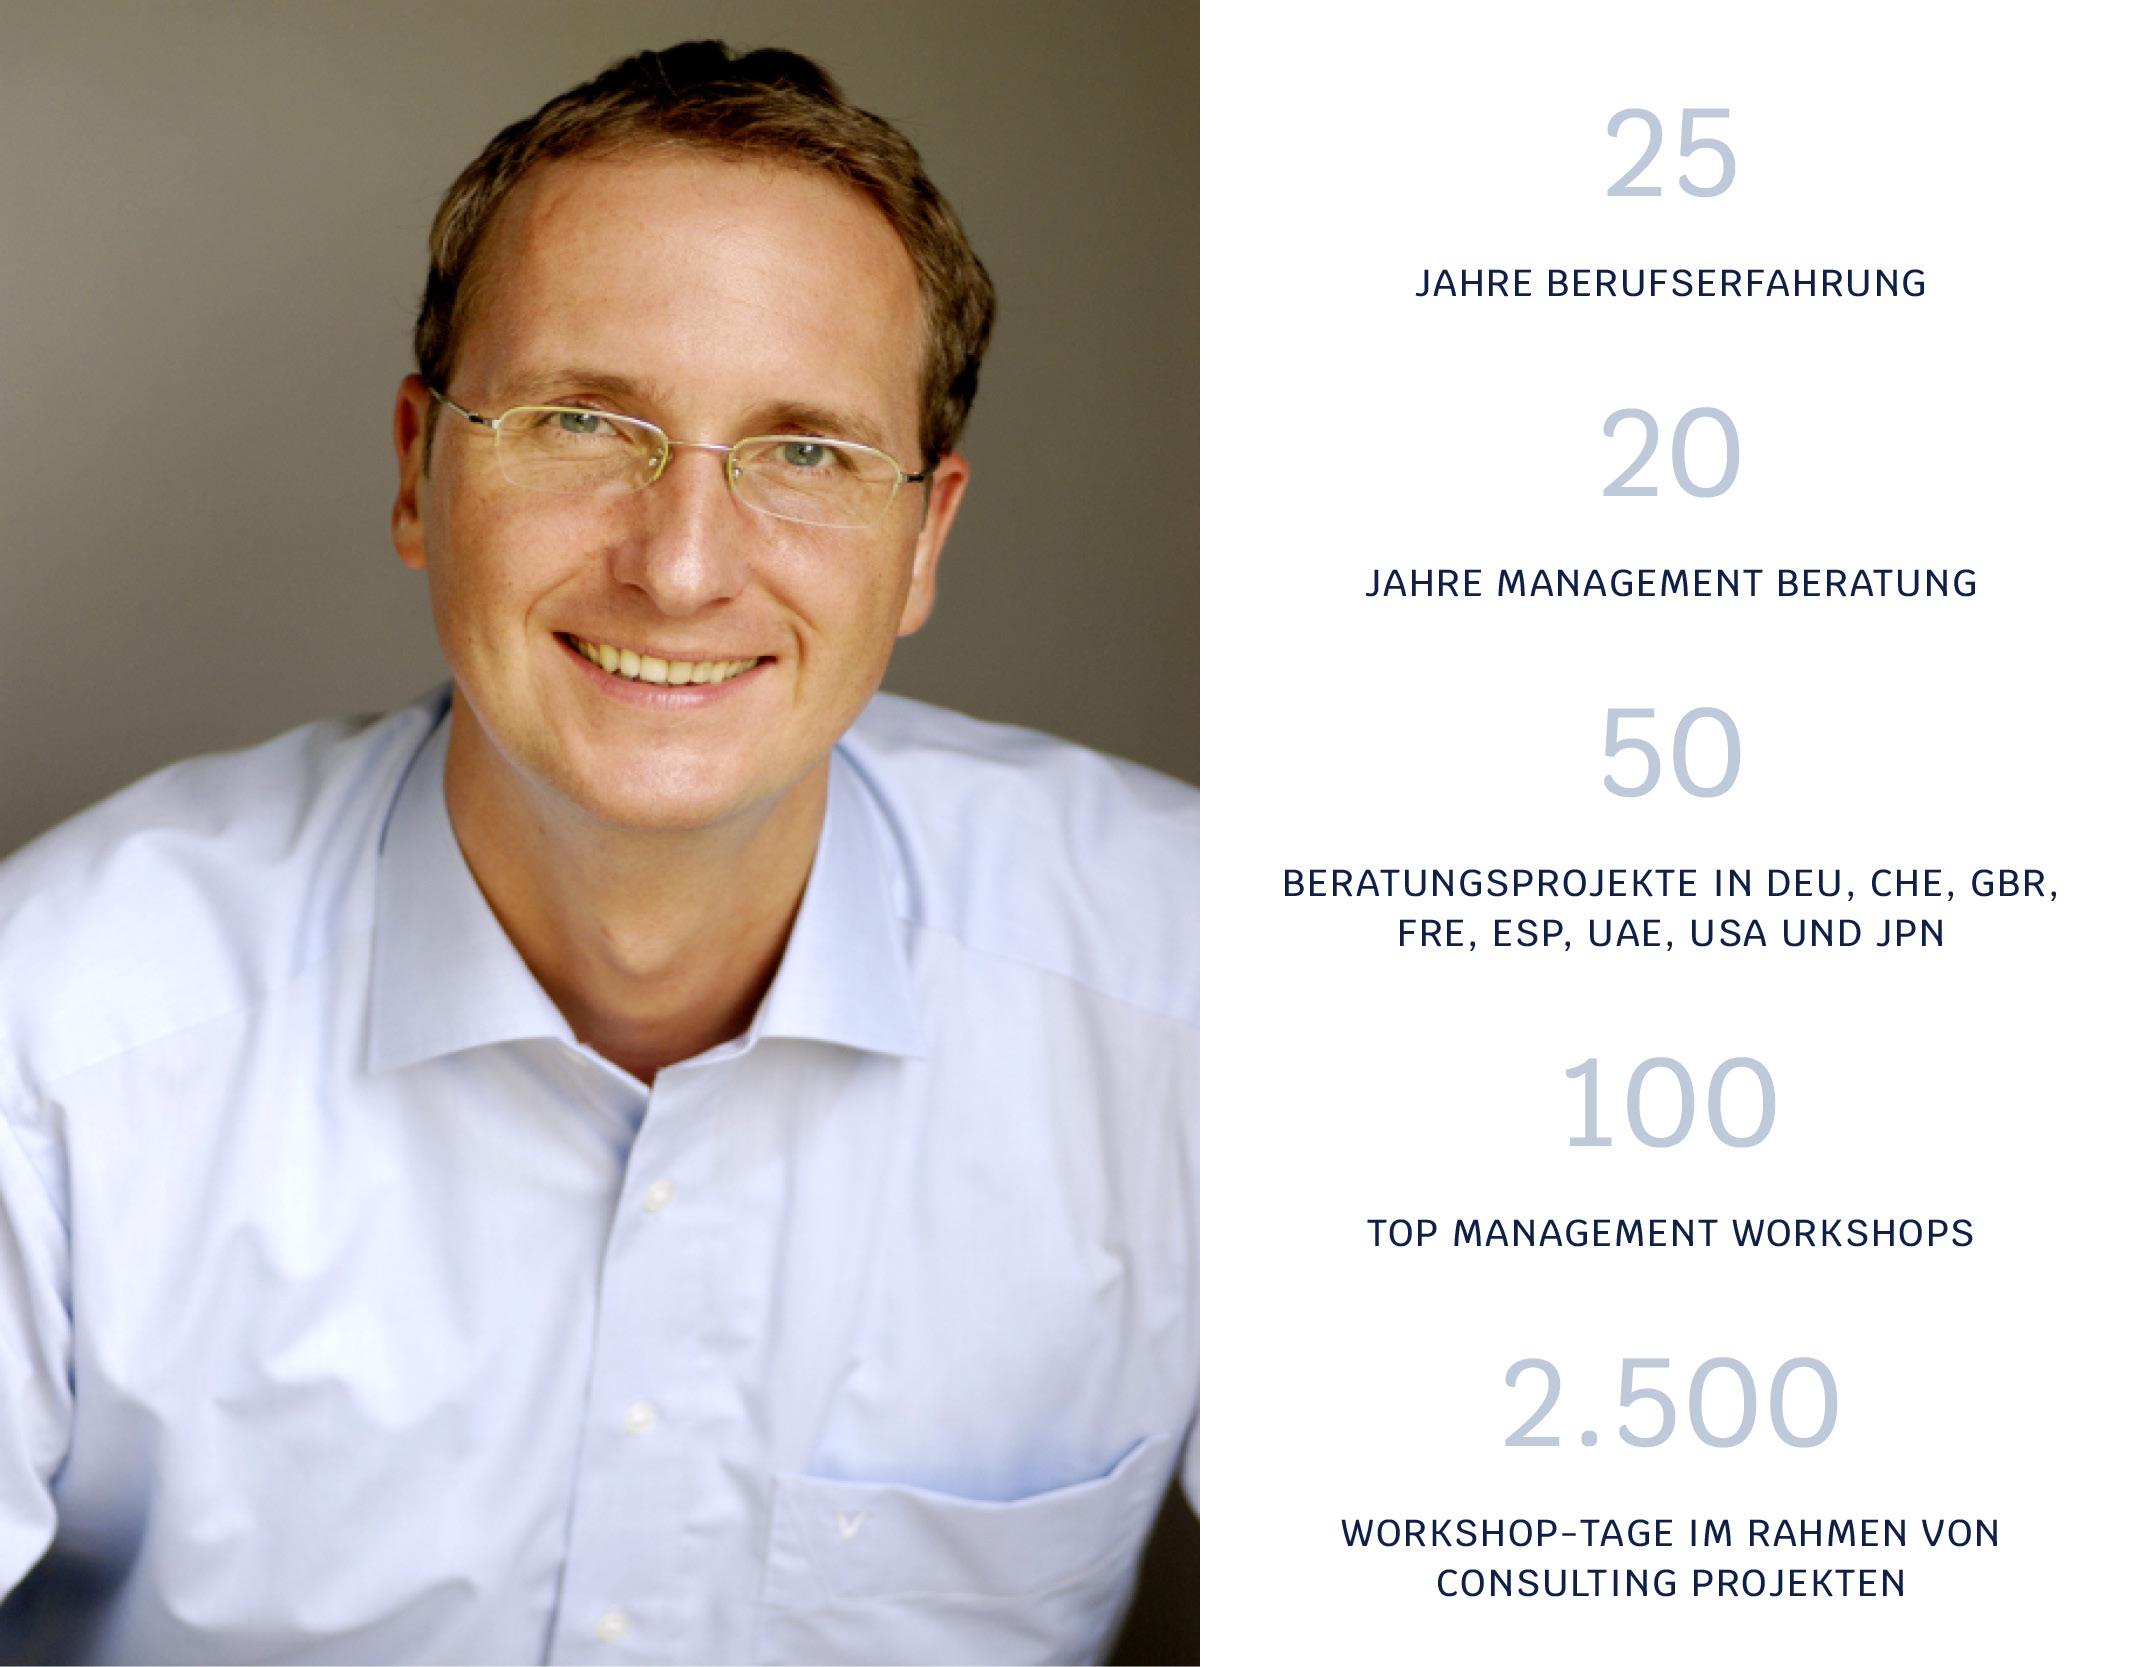 Herr Dr. Kehlenbeck, Inhaber von Sharpening Edge, ein Unternehmen für Umsetzungsorientierte Management Beratung